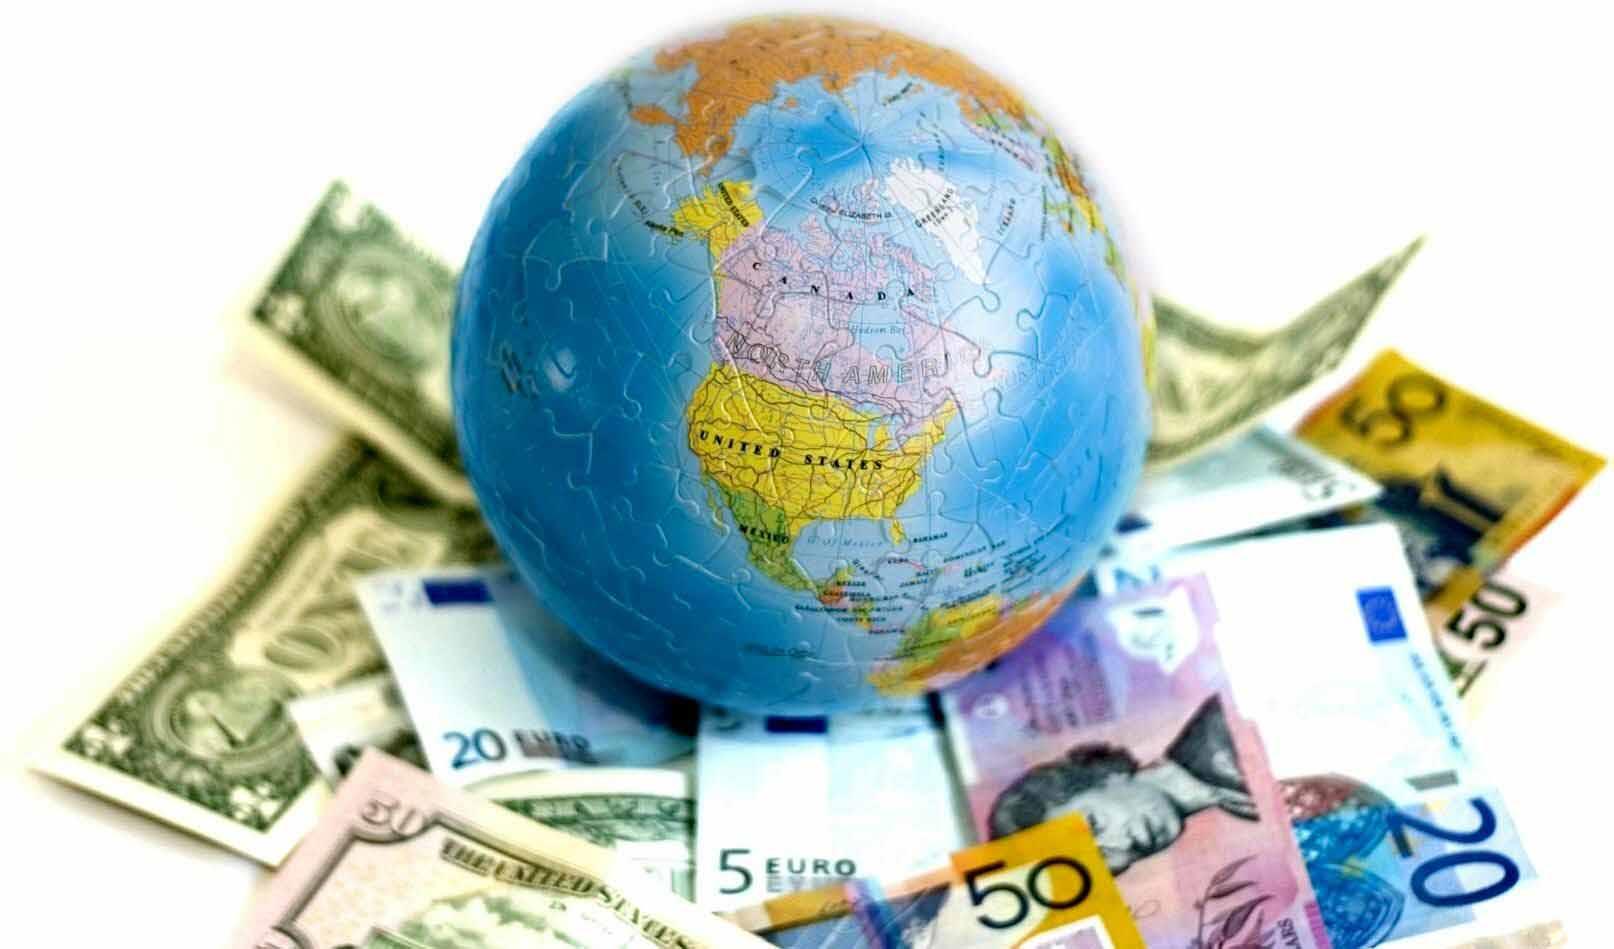 اعلام برترین اقتصادهای جهان/ سوئیس صدرنشین شد